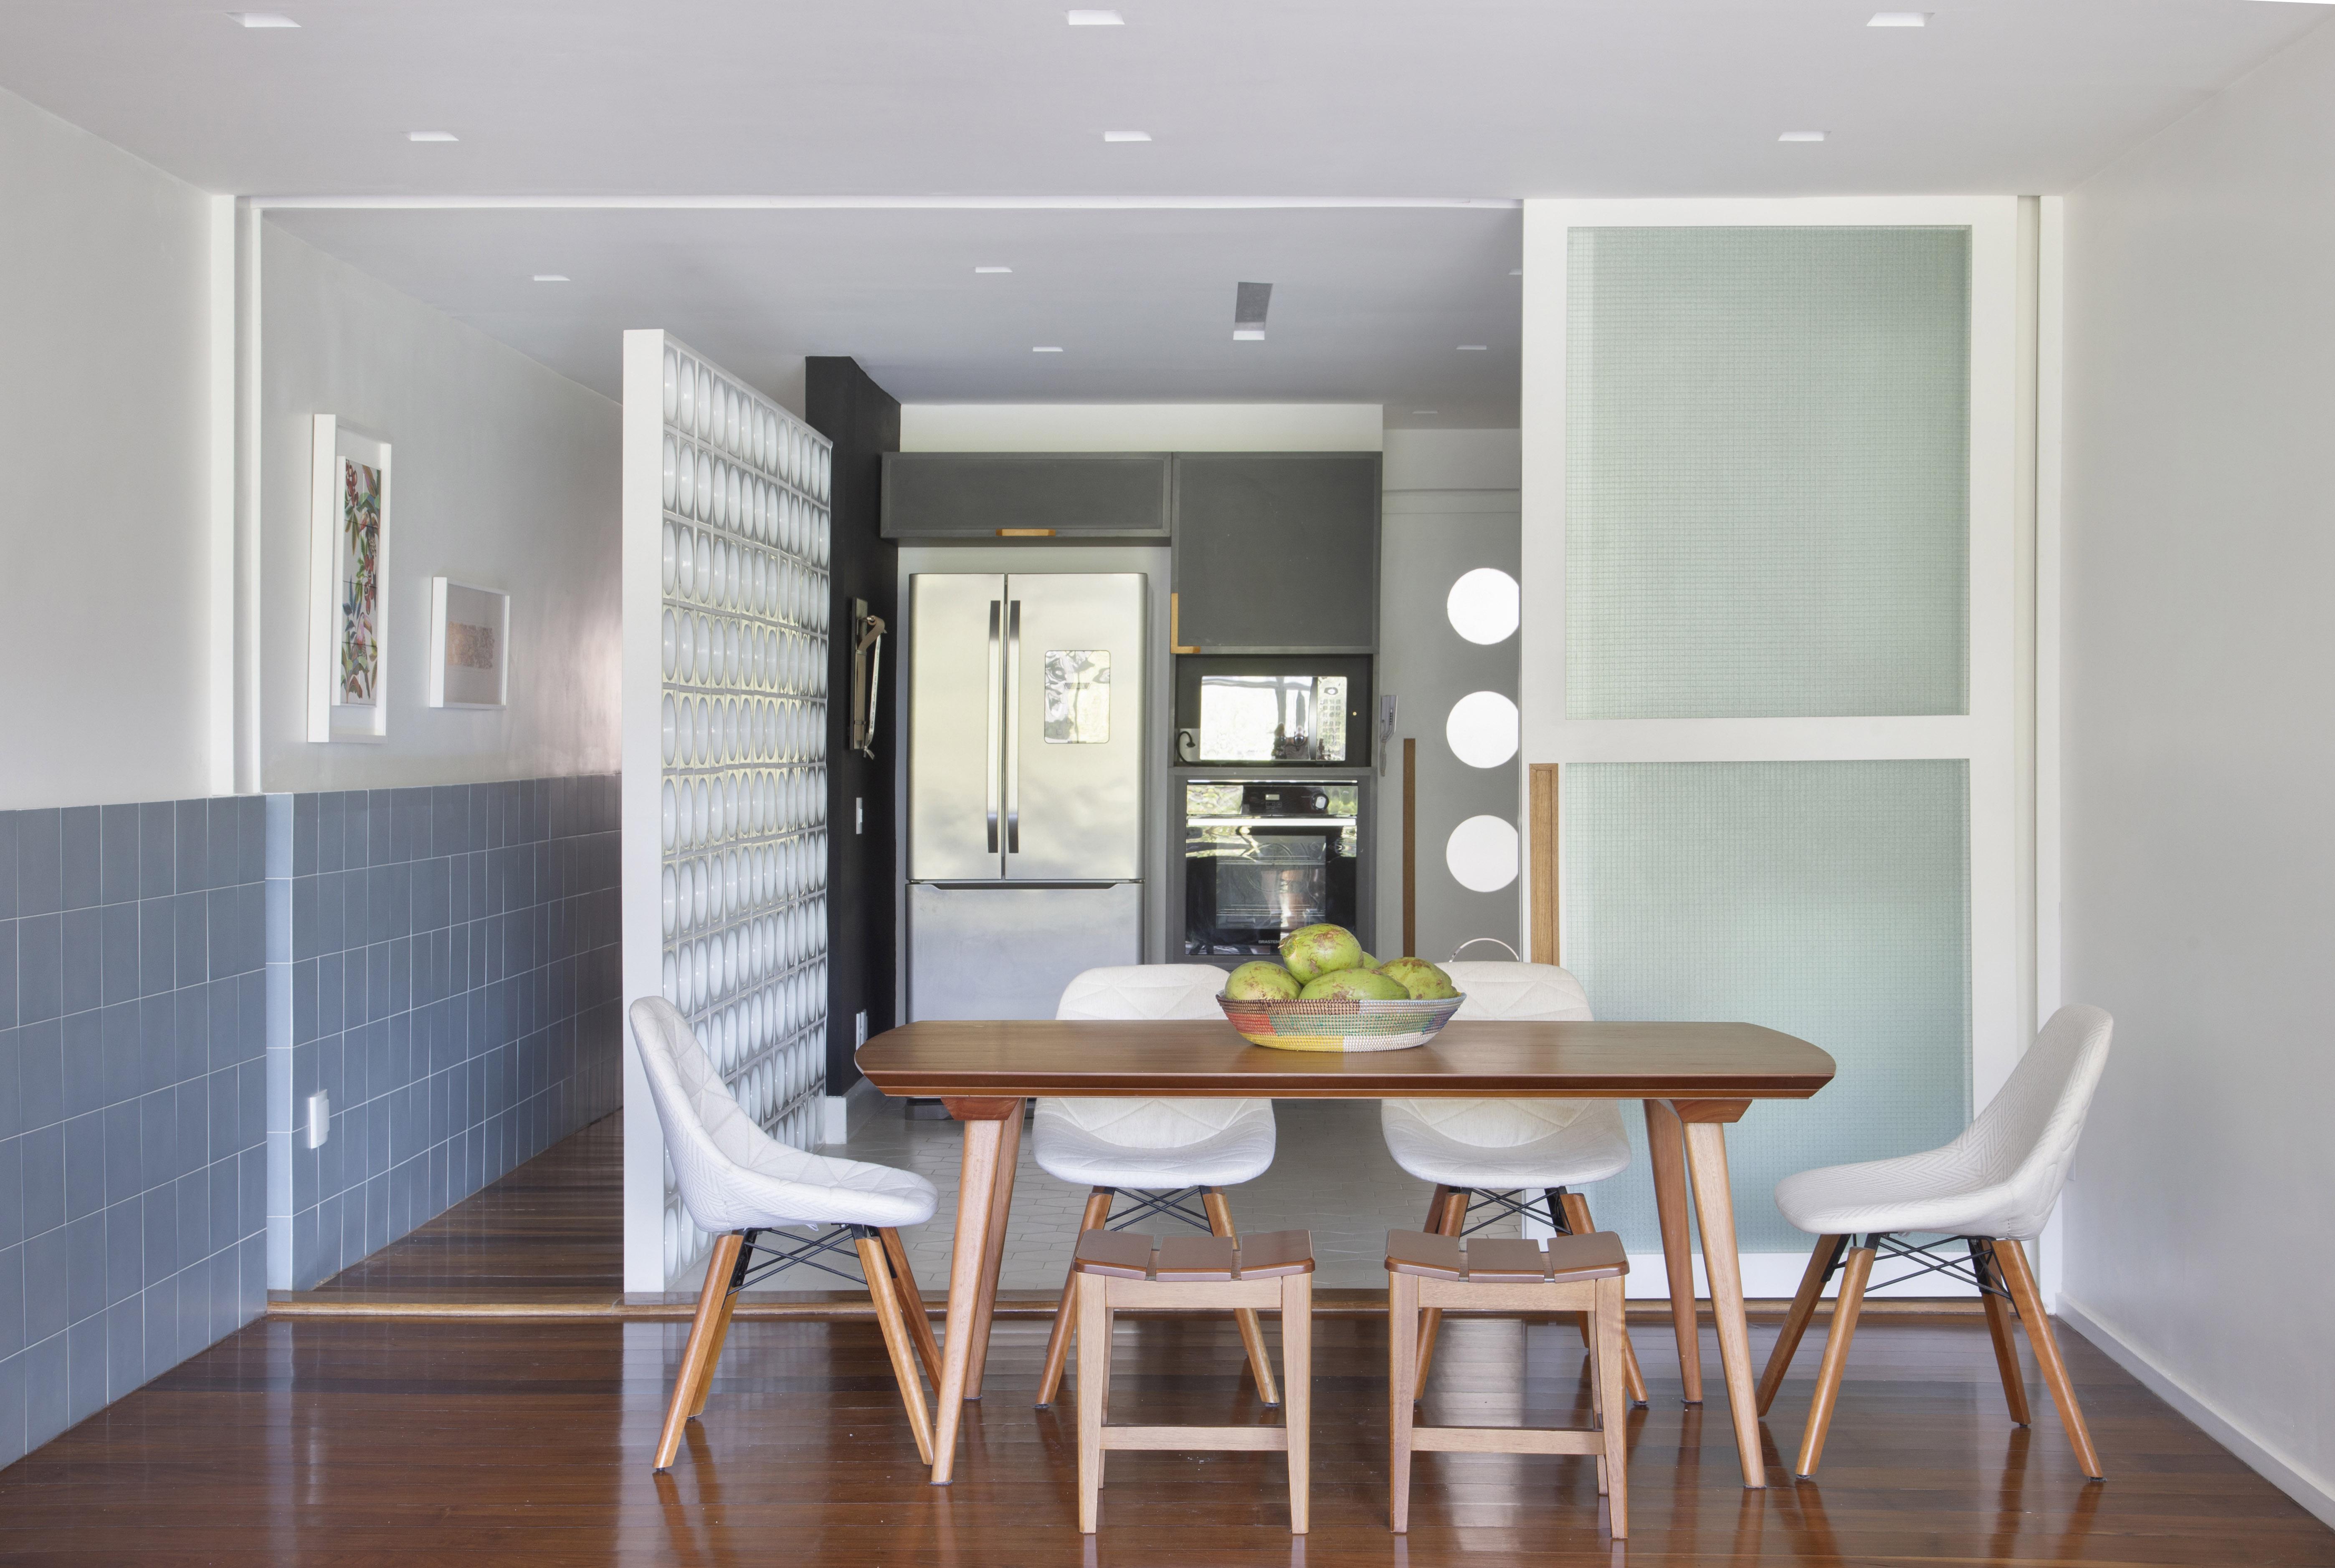 Sala de jantar integrada à cozinha. Cobogó vazado ao lado